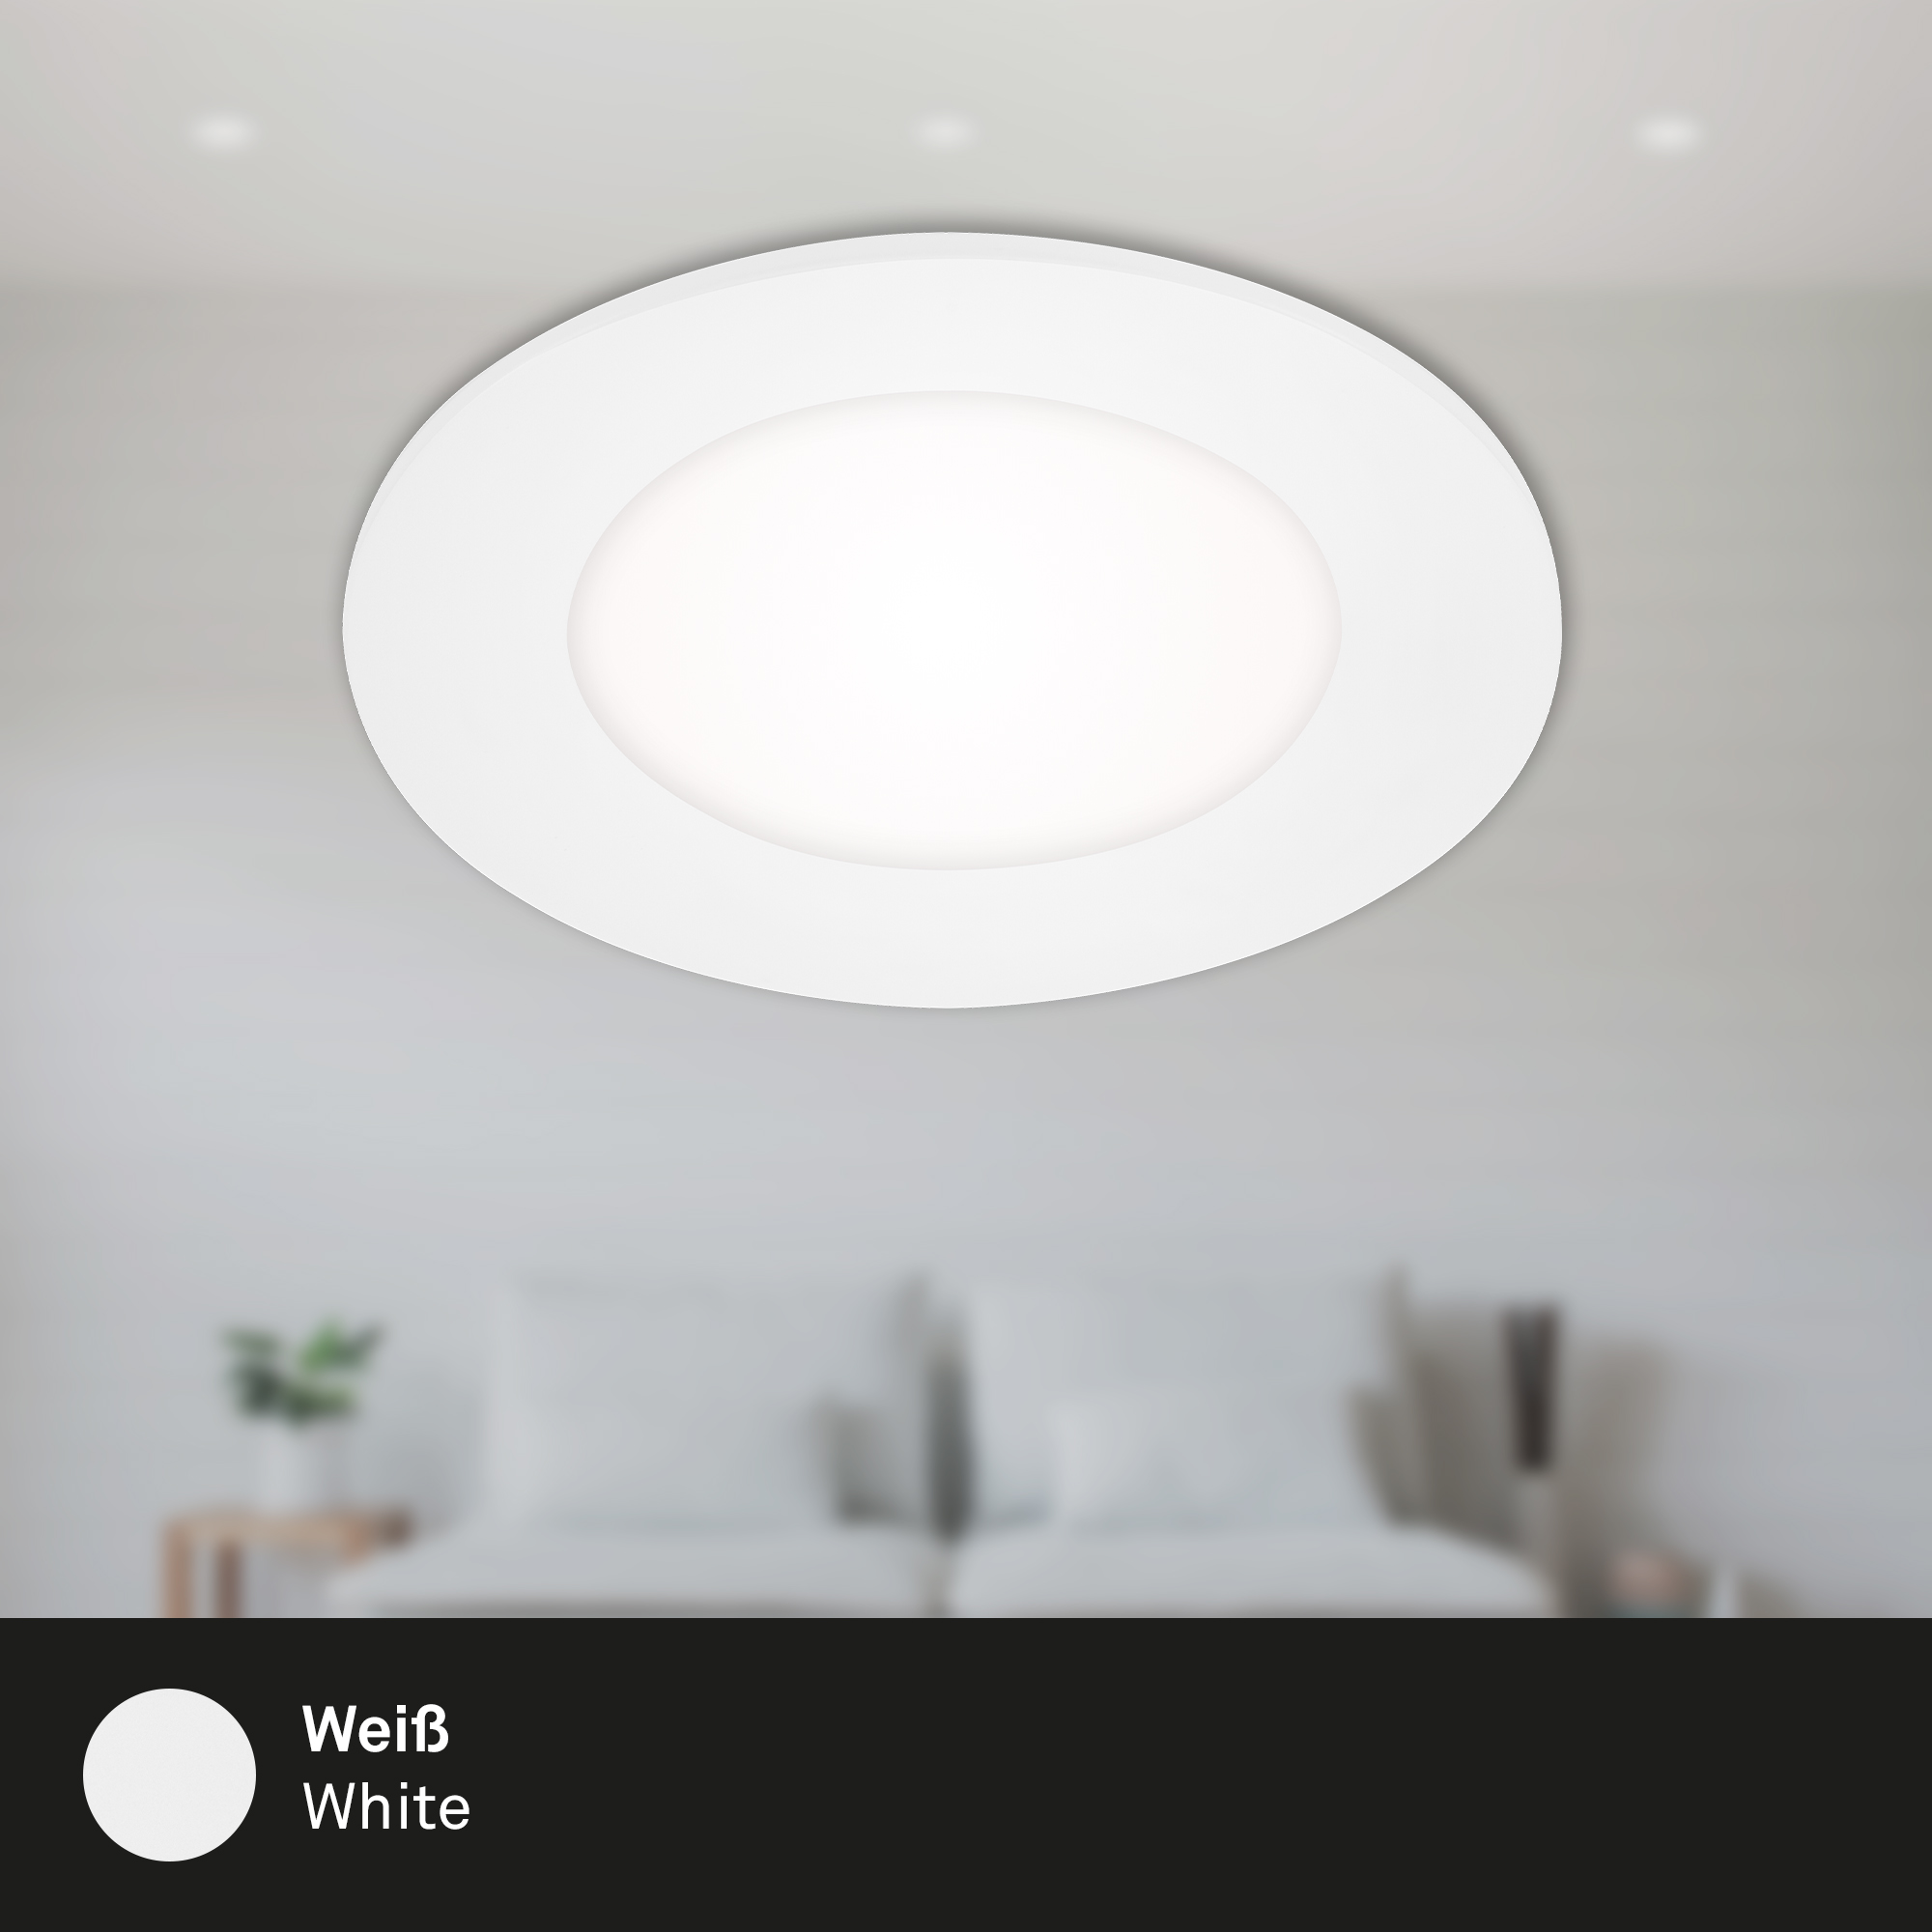 LED Einbauleuchte, Ø 8,6 cm, 3 W, Weiß